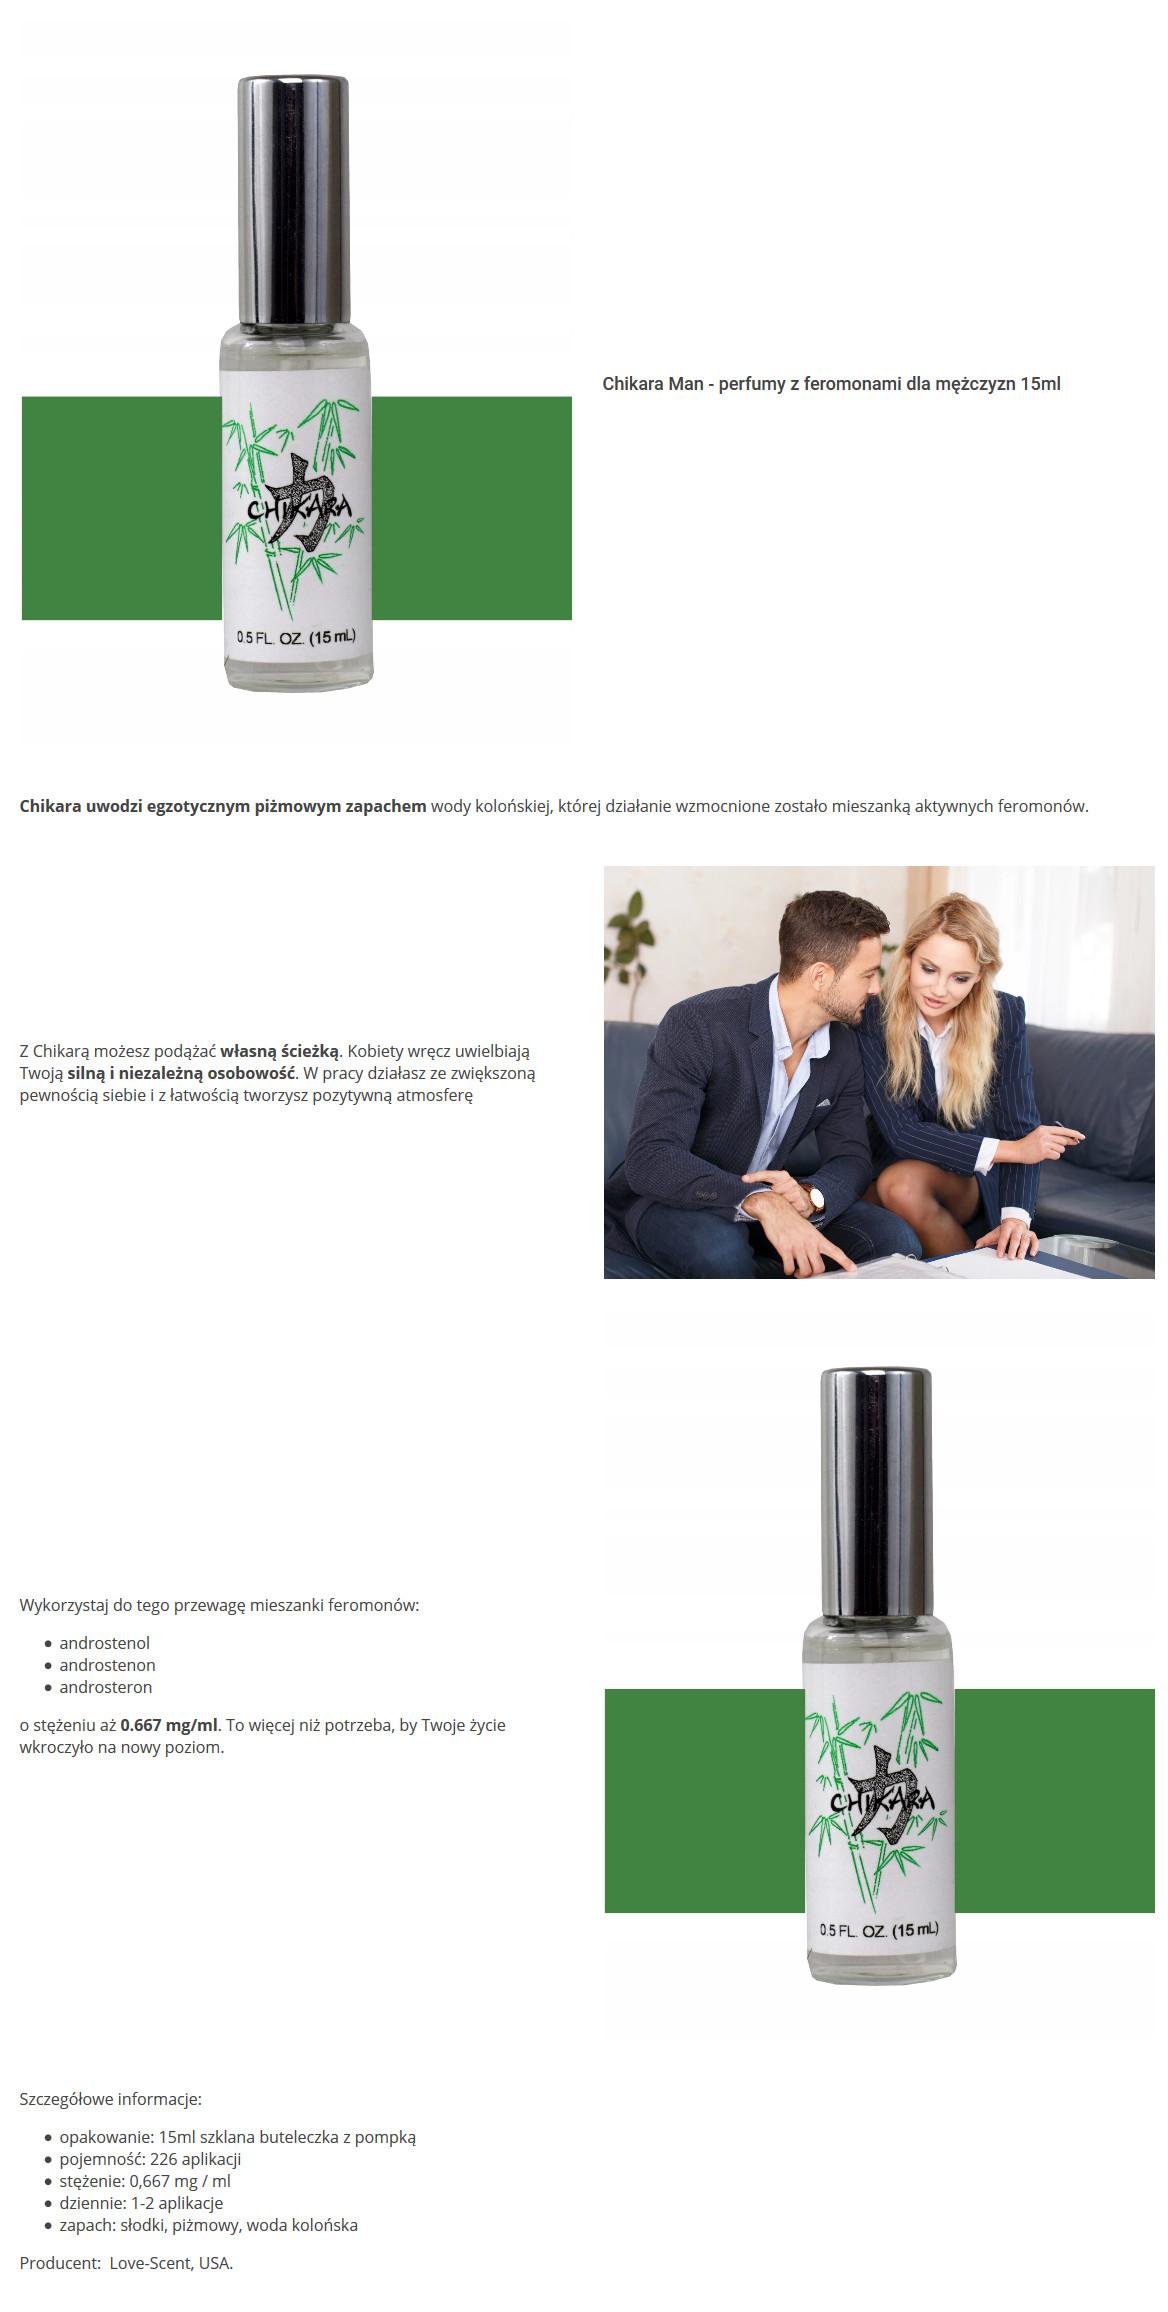 Chikara - egzotyczne perfumy z feromonami dla mężczyzyn. Love&Business